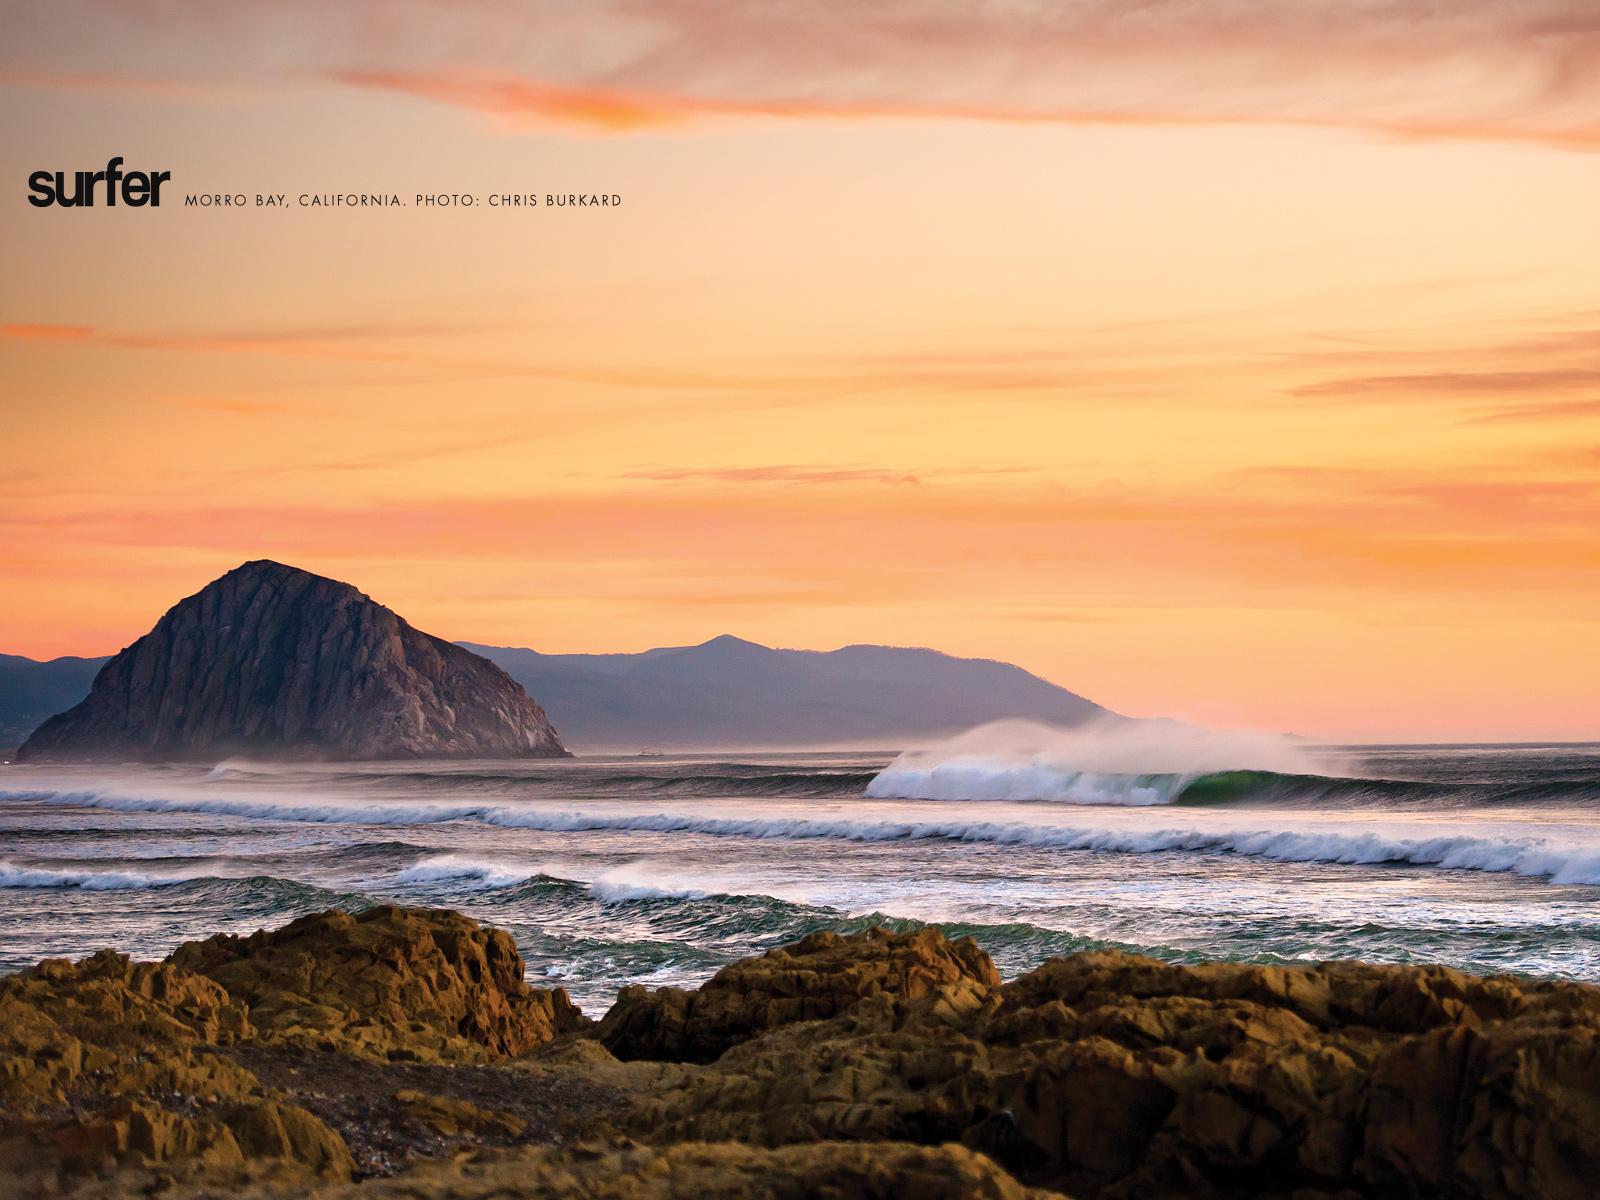 CHRIS BURKARD SURFER MAG WALLPAPER DOWNLOADS 1600x1200